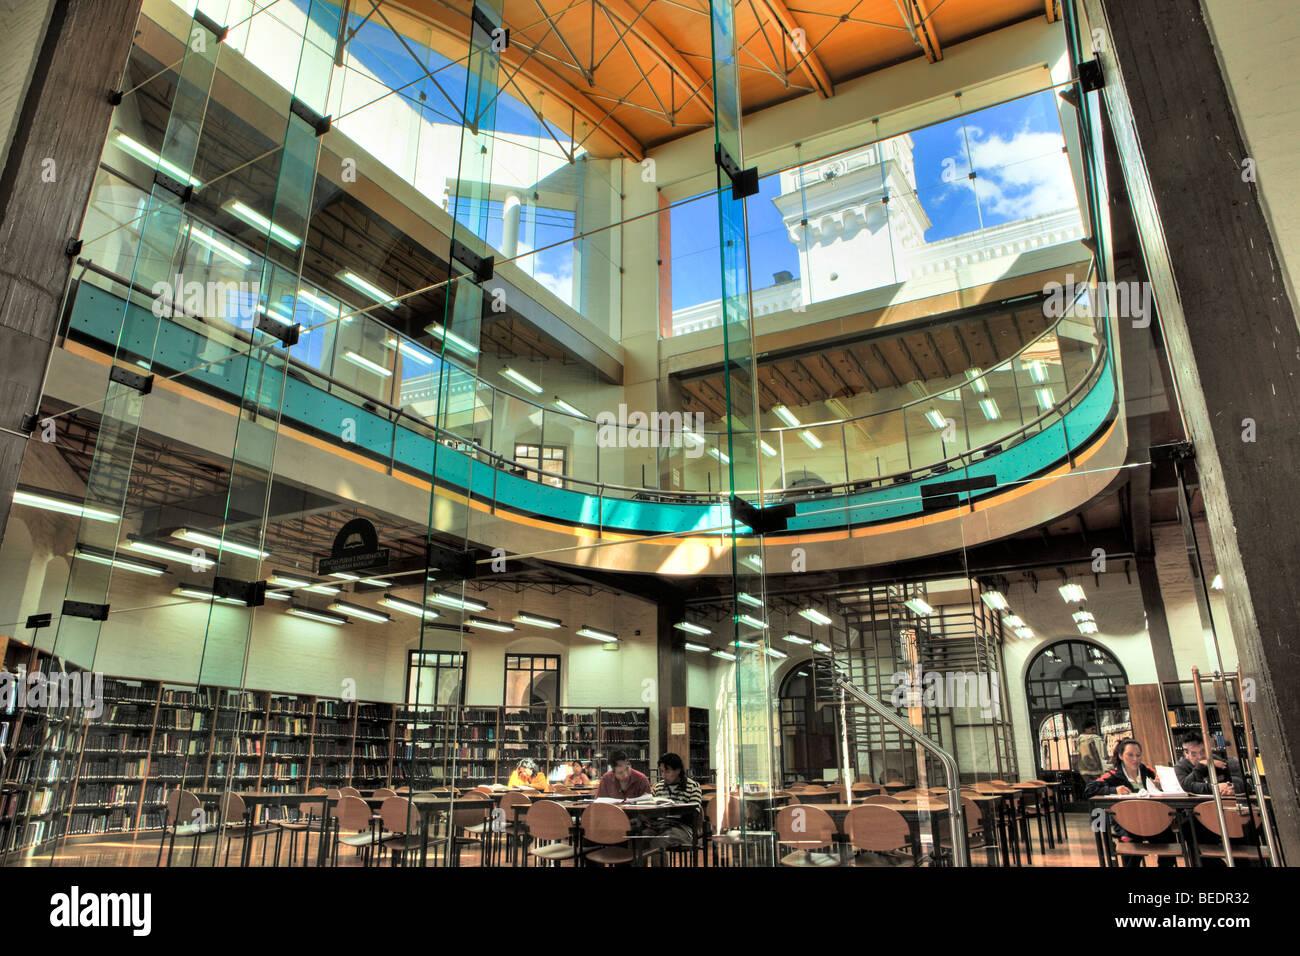 Библиотека эквадор гхп аукцион